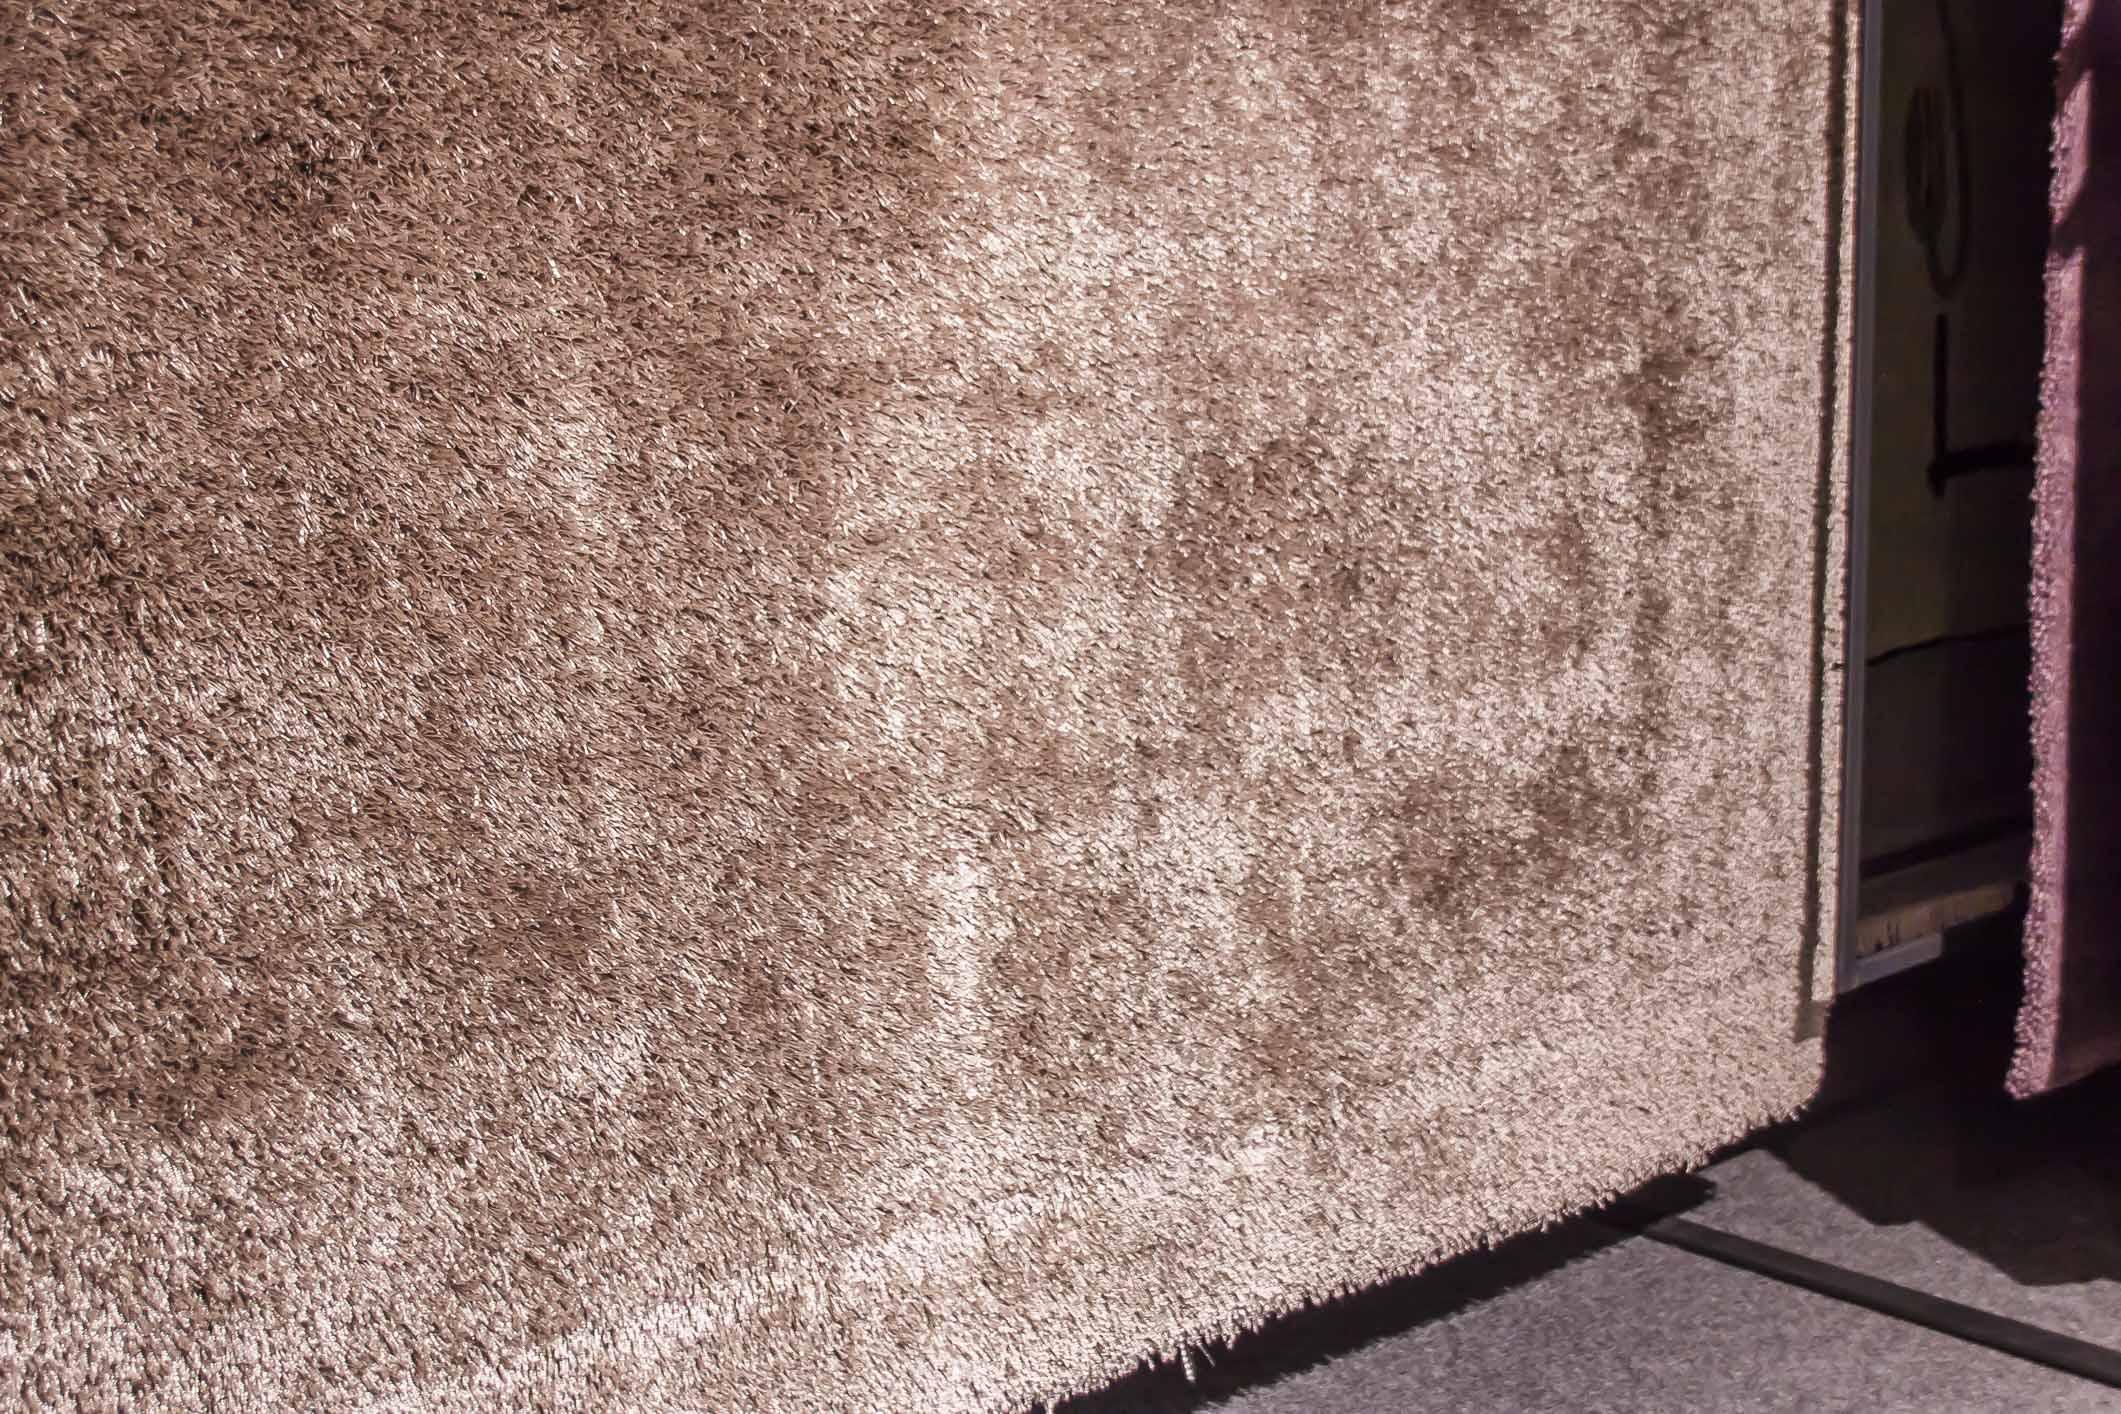 Full Size of Teppich Joop Kaufen Grau Wohnzimmer Pattern New Curly Stein Soft Platin Mbel Brucker Schlafzimmer Bad Esstisch Badezimmer Teppiche Steinteppich Küche Betten Wohnzimmer Teppich Joop